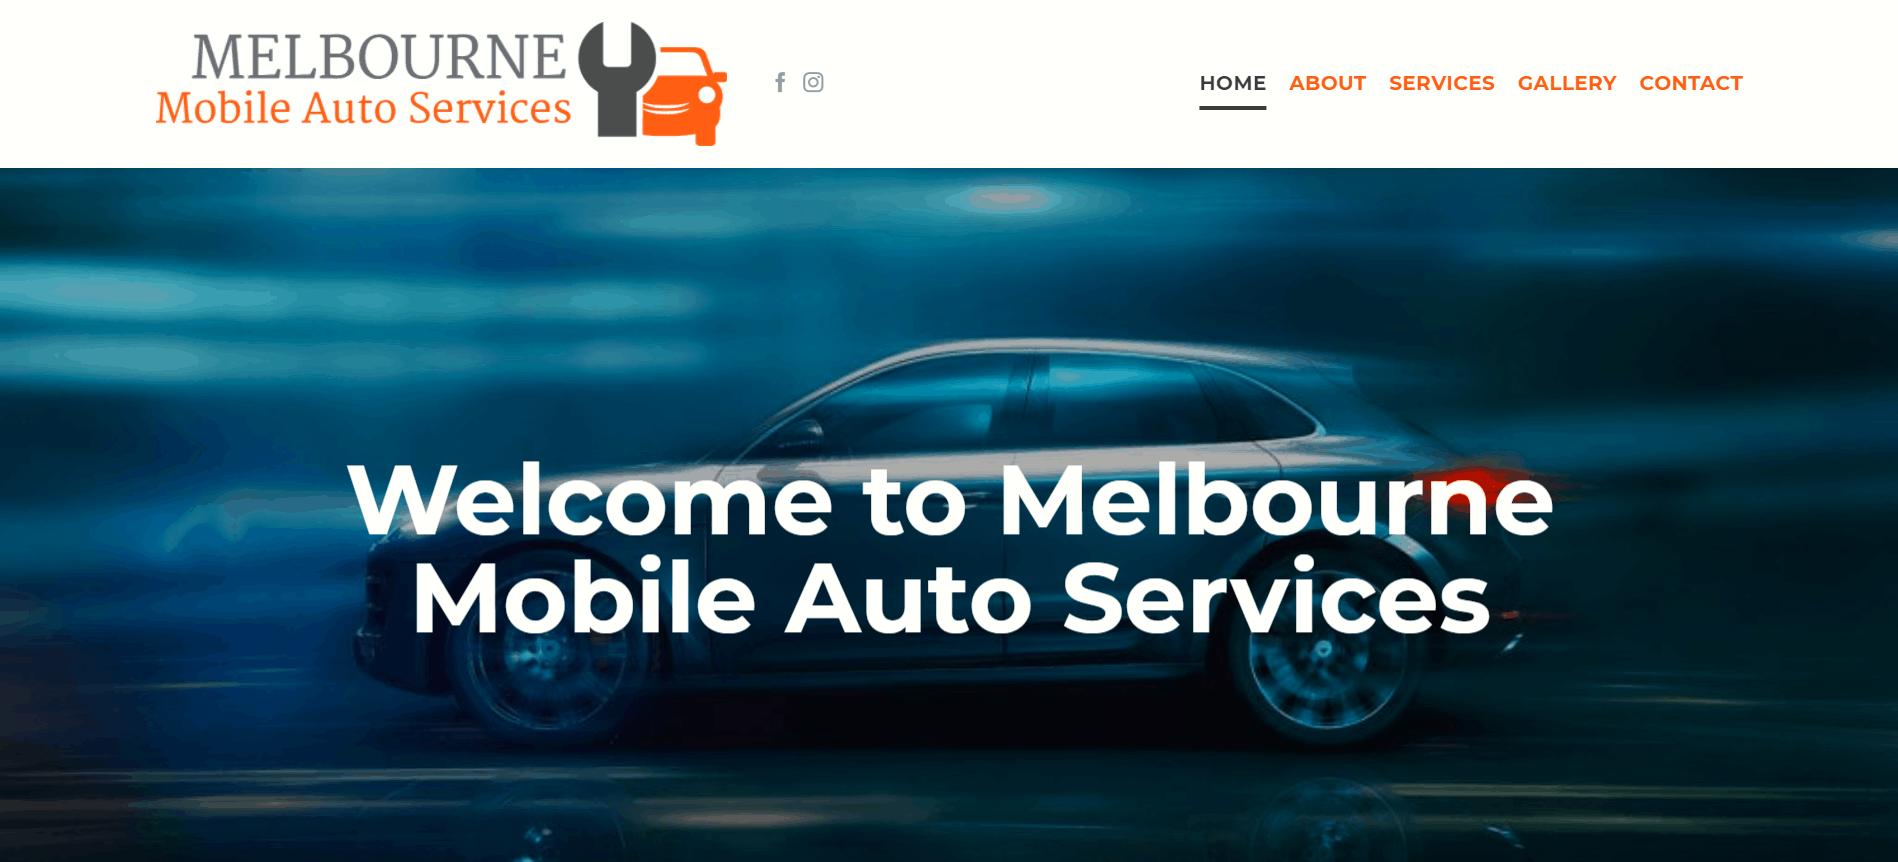 Melbourne Mobile Auto Services